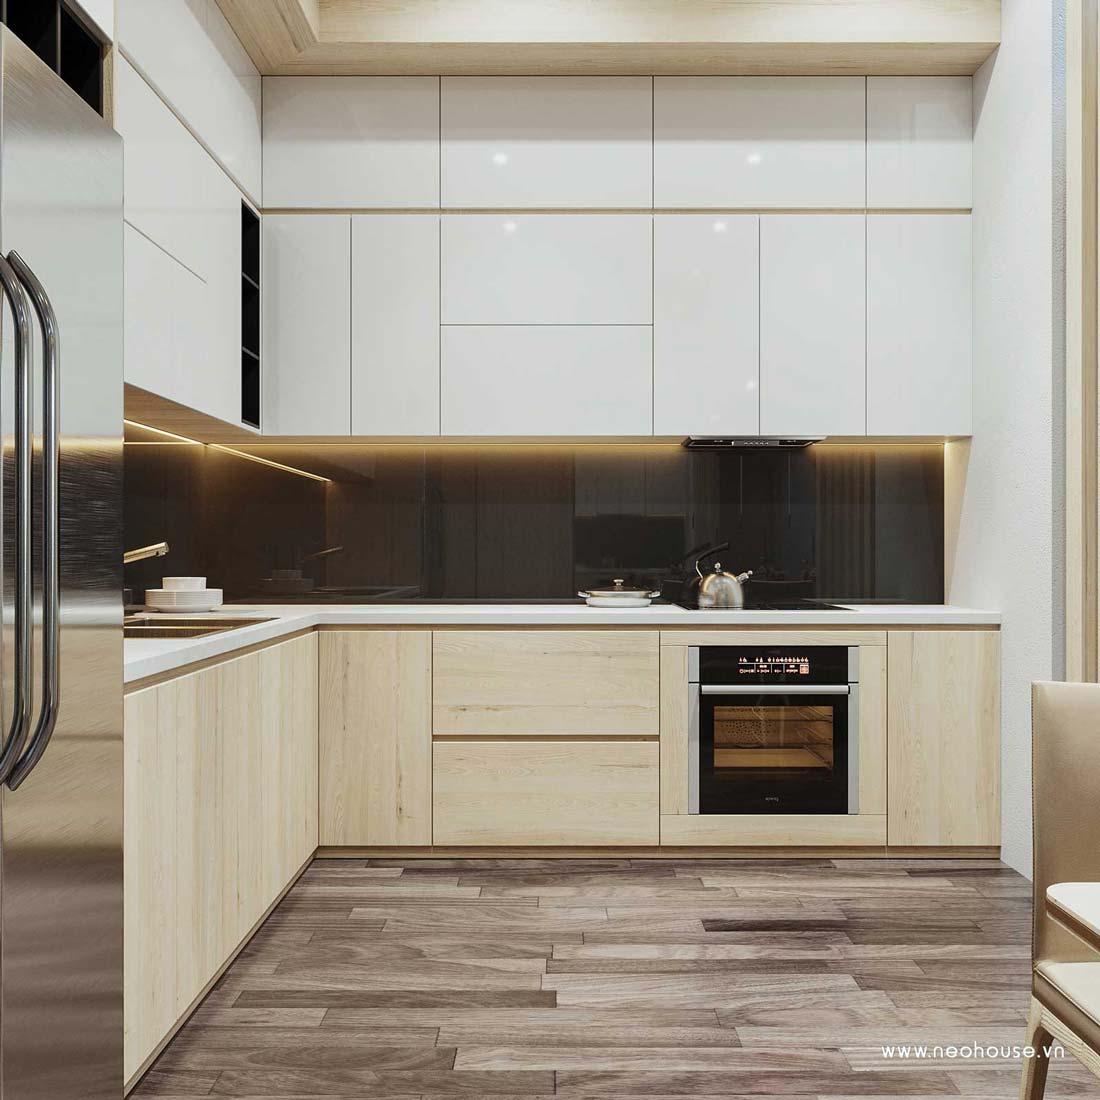 Thiết kế nhà bếp đẹp 4